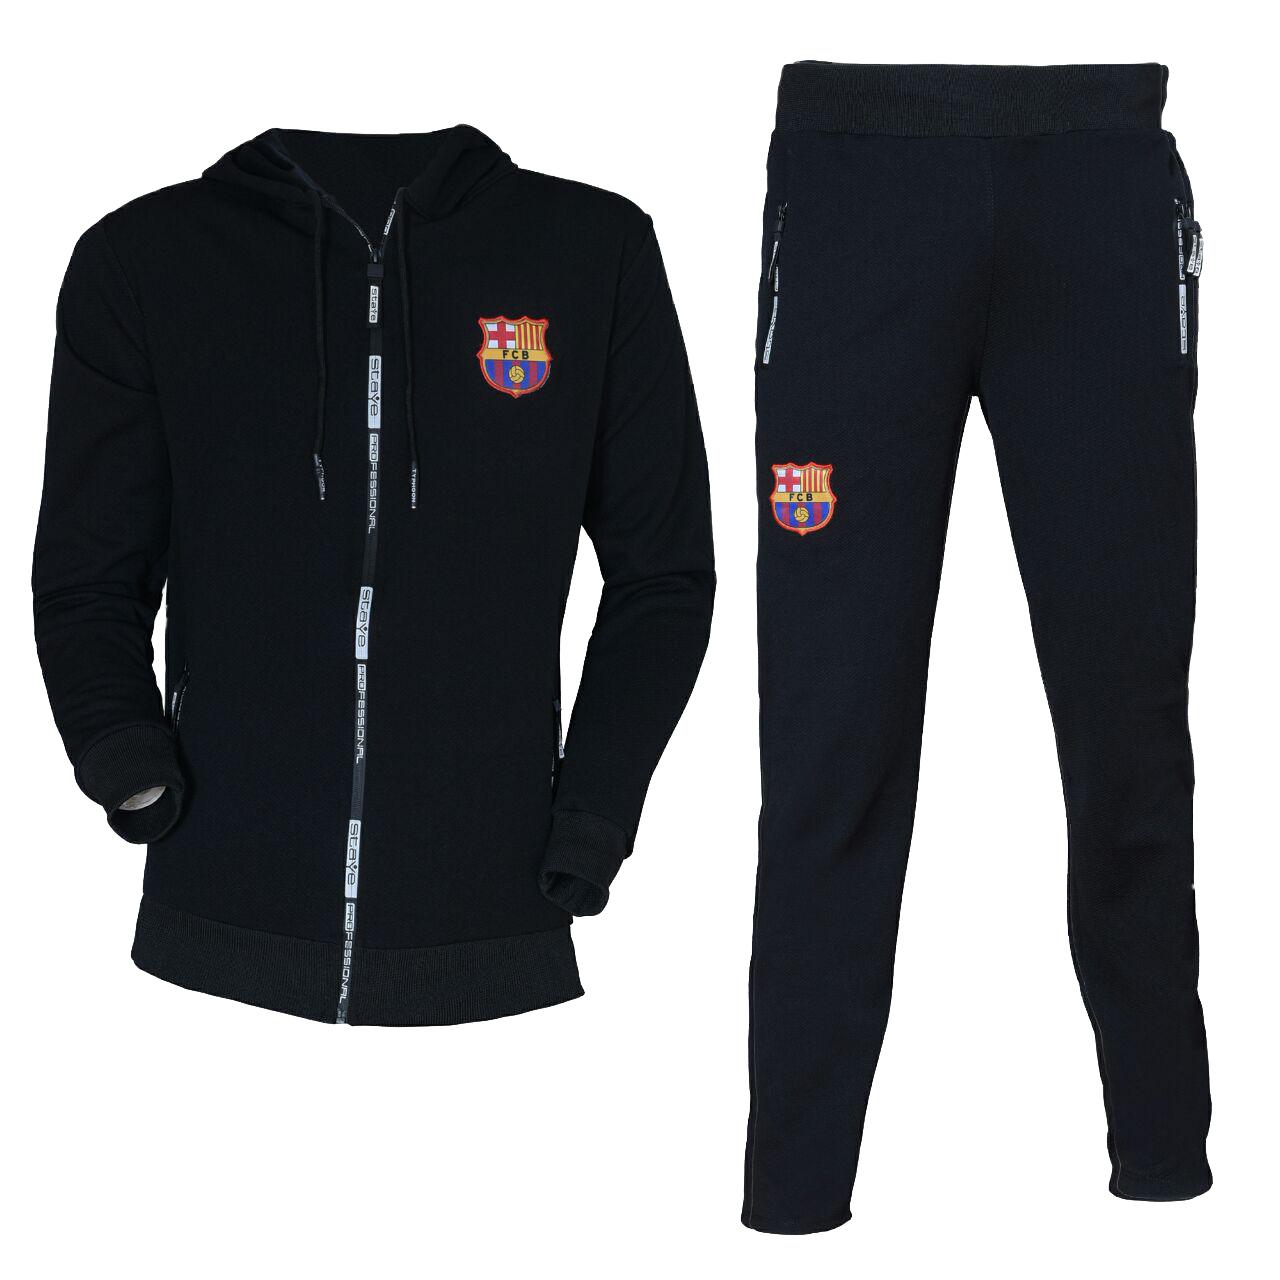 ست سویشرت و شلوار ورزشی مردانه طرح بارسلونا کد 5467